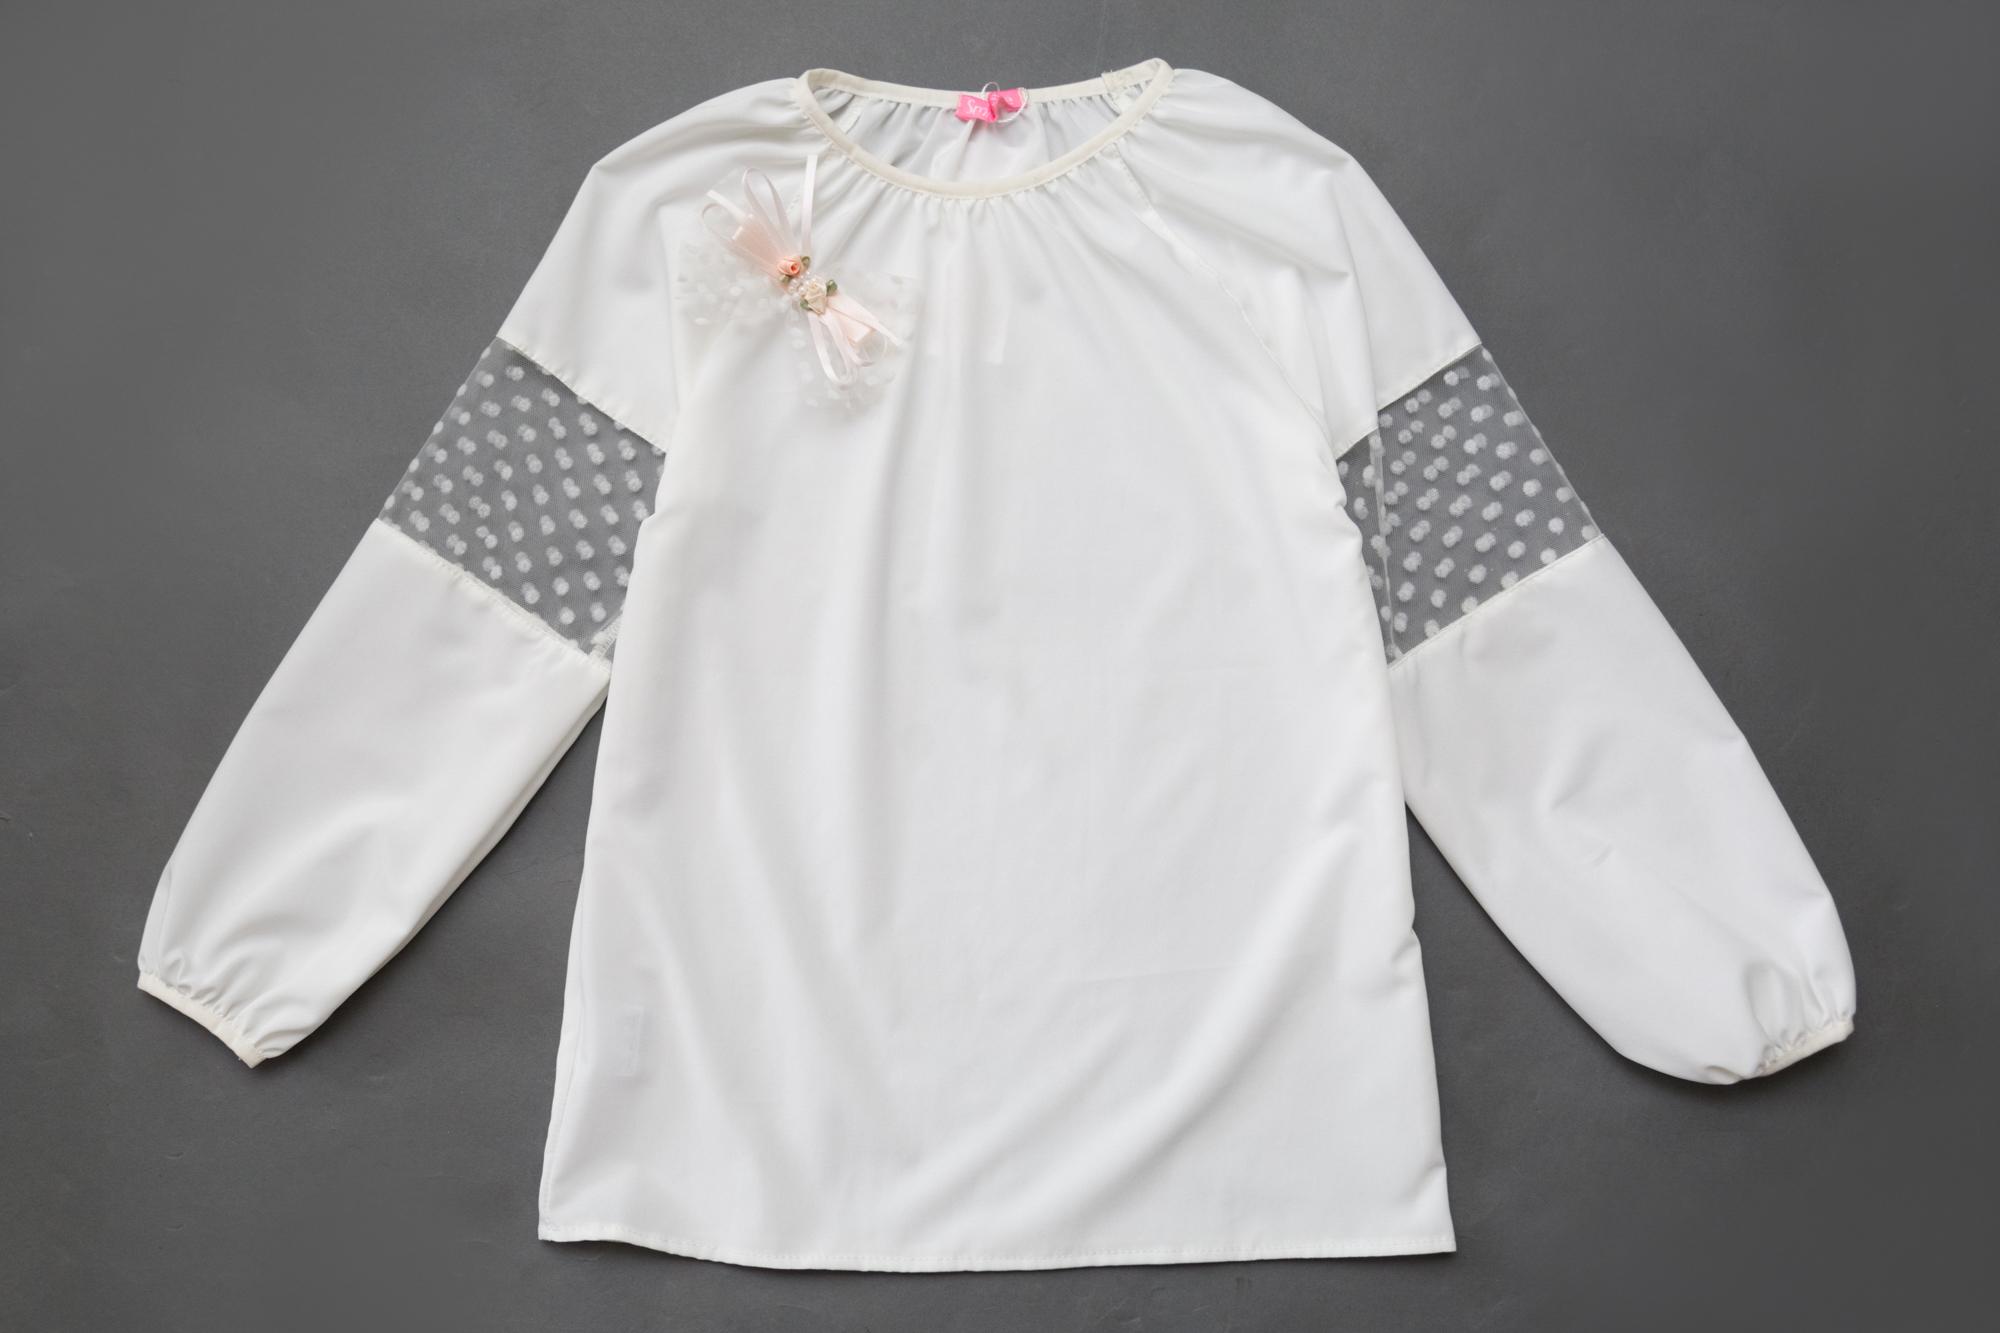 Блузка SmileTime для девочки с длинным рукавом Rose, молочная